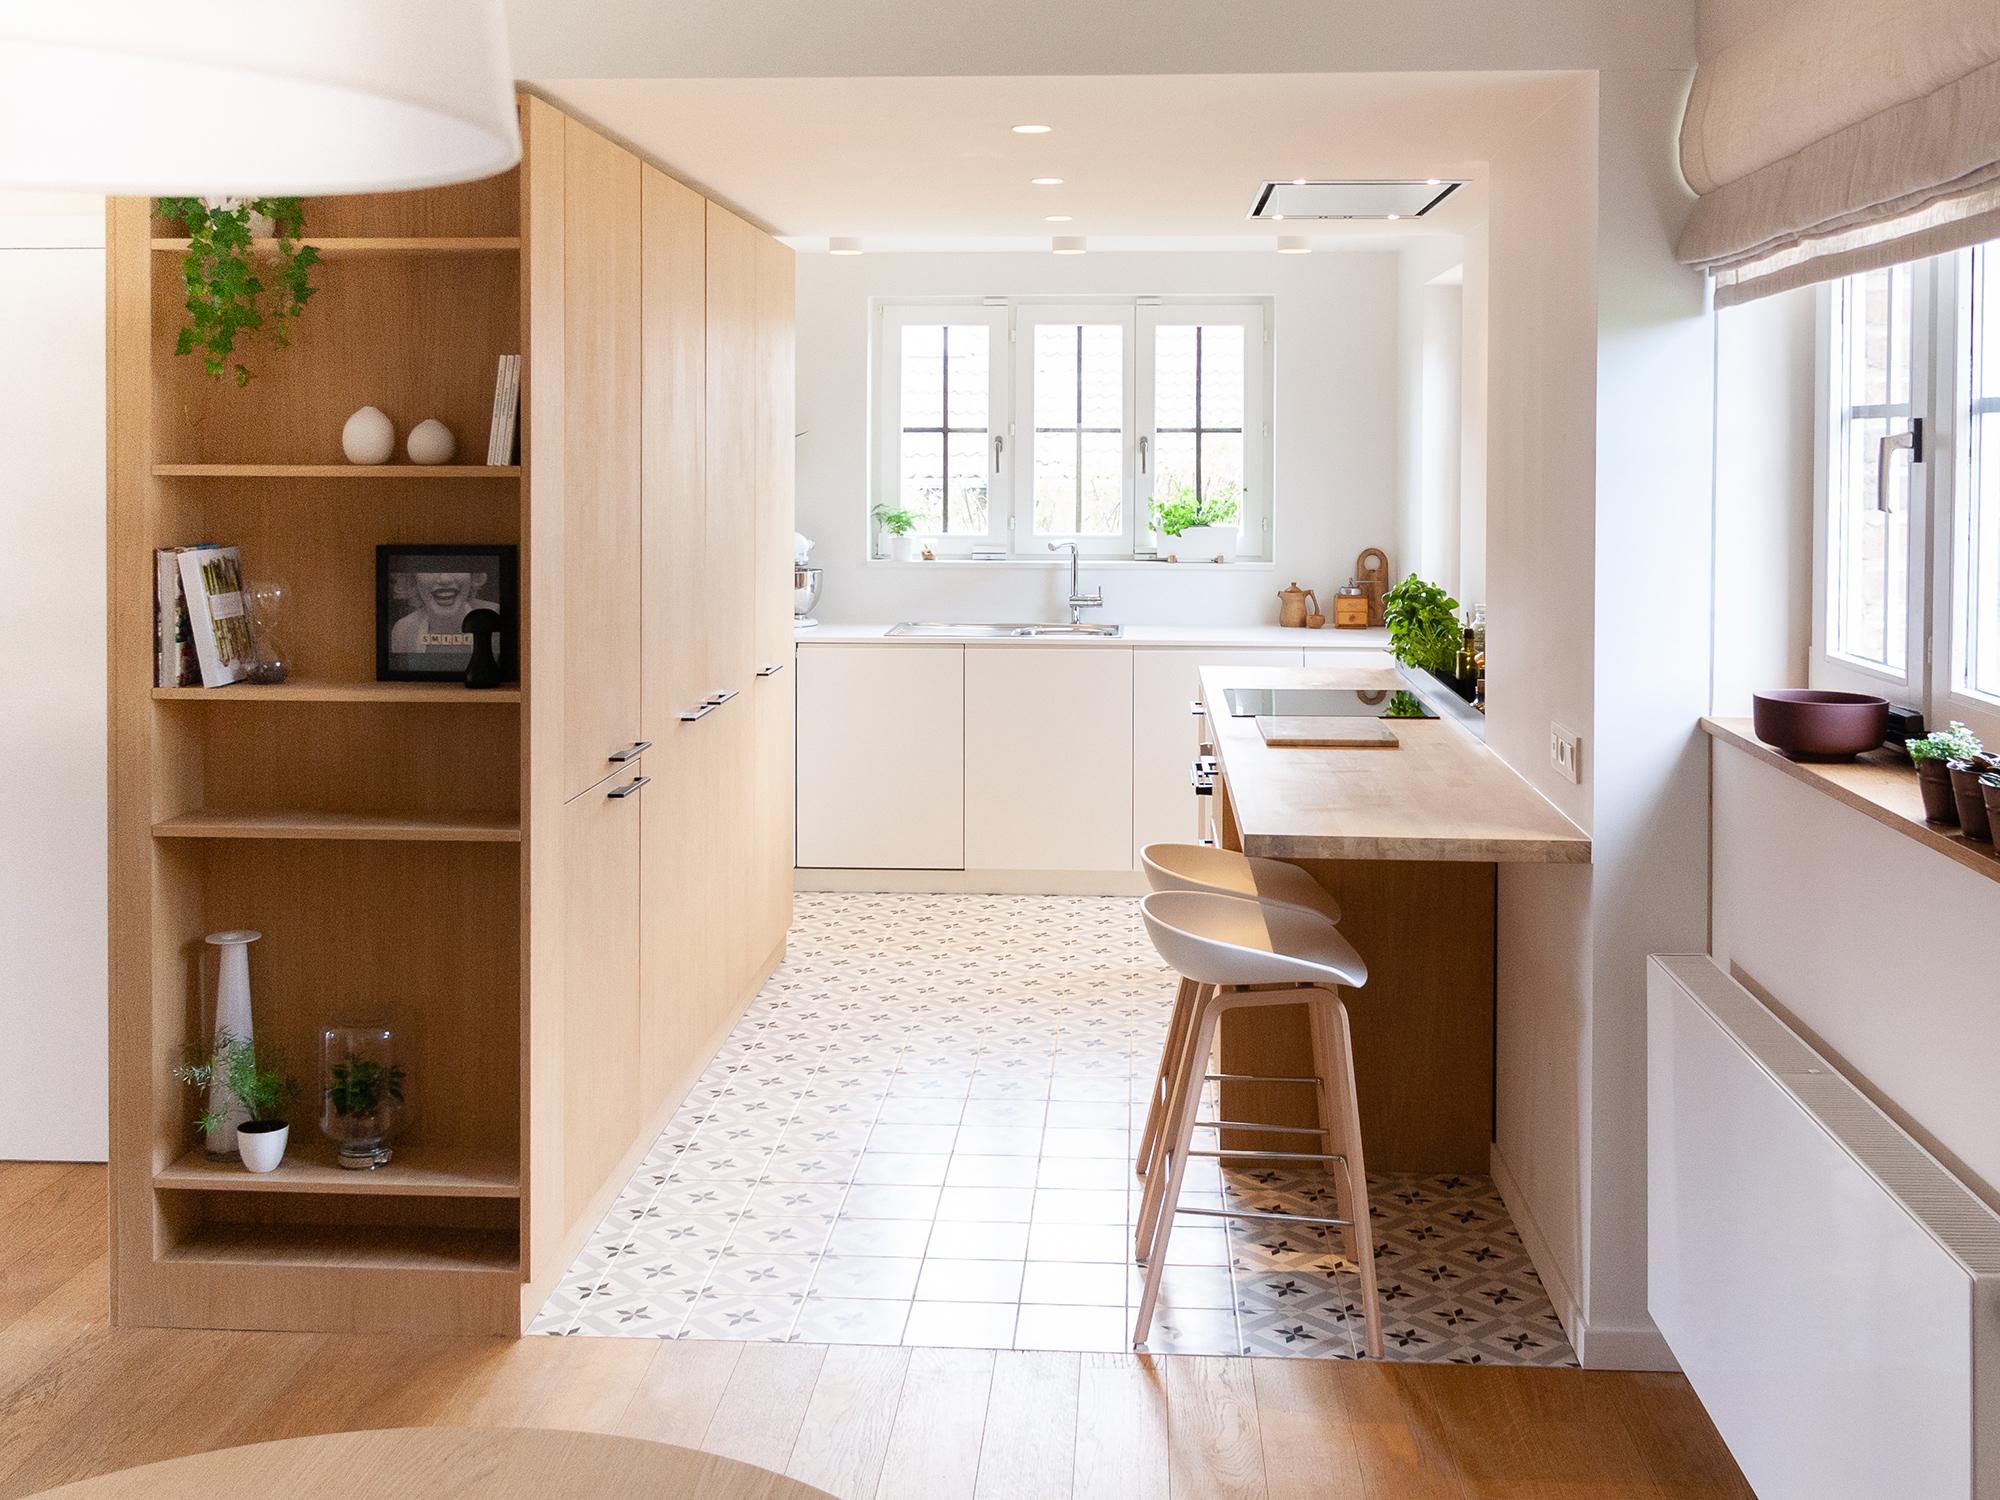 Cuisine Lumineuse Sans Fenetre avant / après : une cuisine ouverte, lumineuse et conviviale